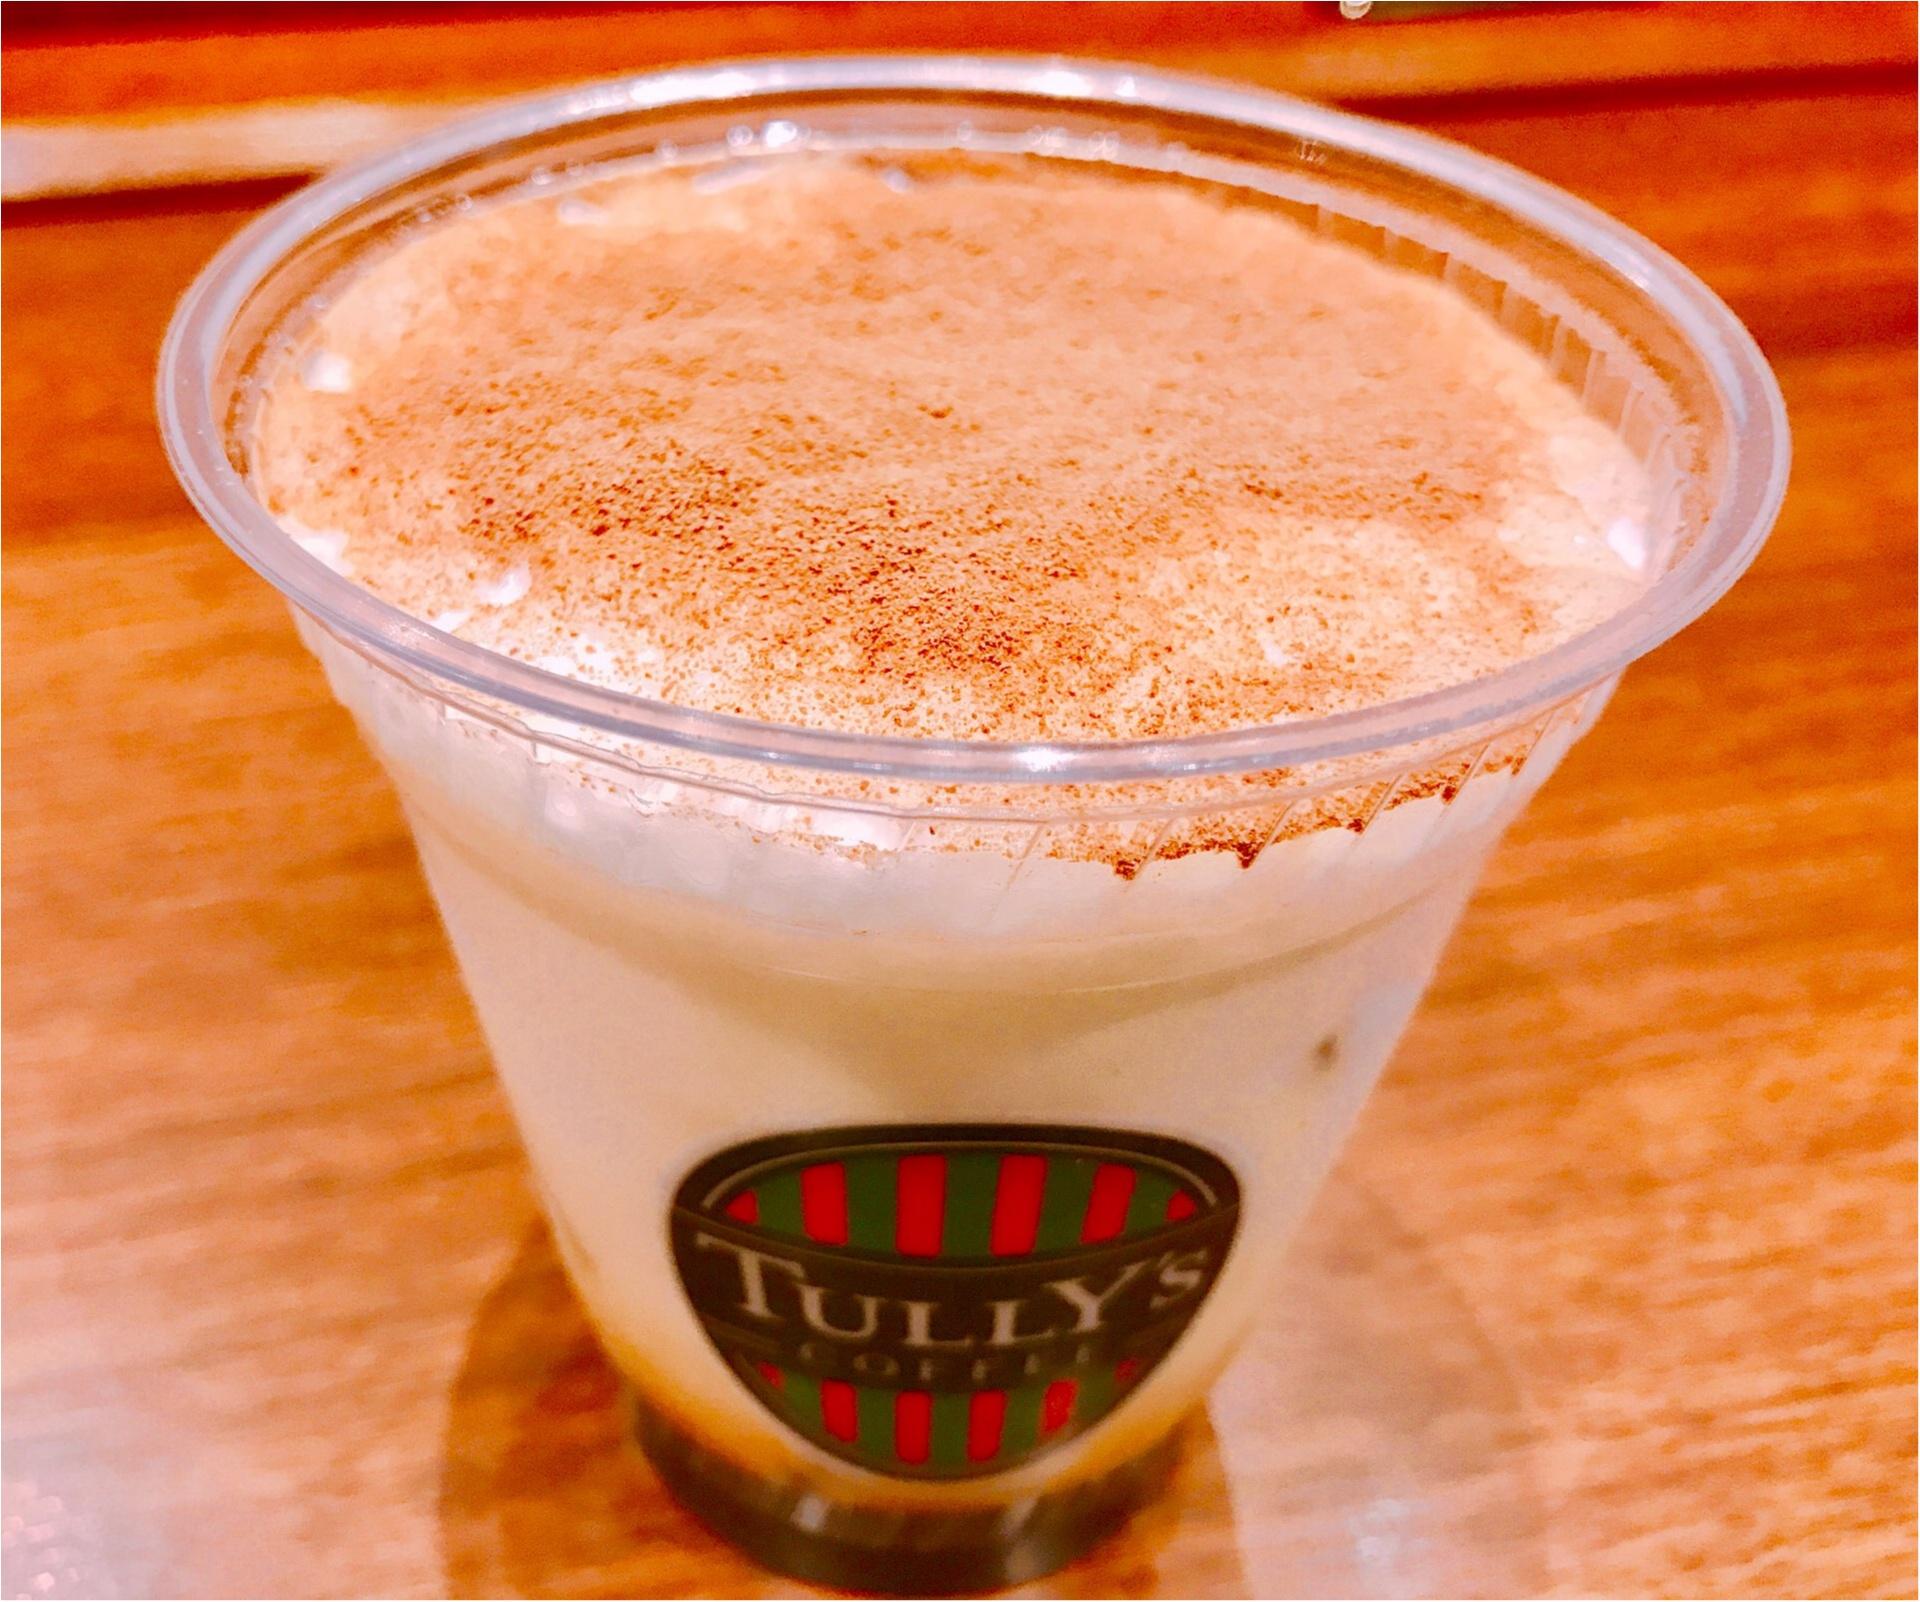 【タリーズ】見た目もティラミスそっくり!ふわっふわのミルクが絶妙❤︎スイーツ感覚で飲める《アイスティラミスカプチーノ》が新発売♡♡_2